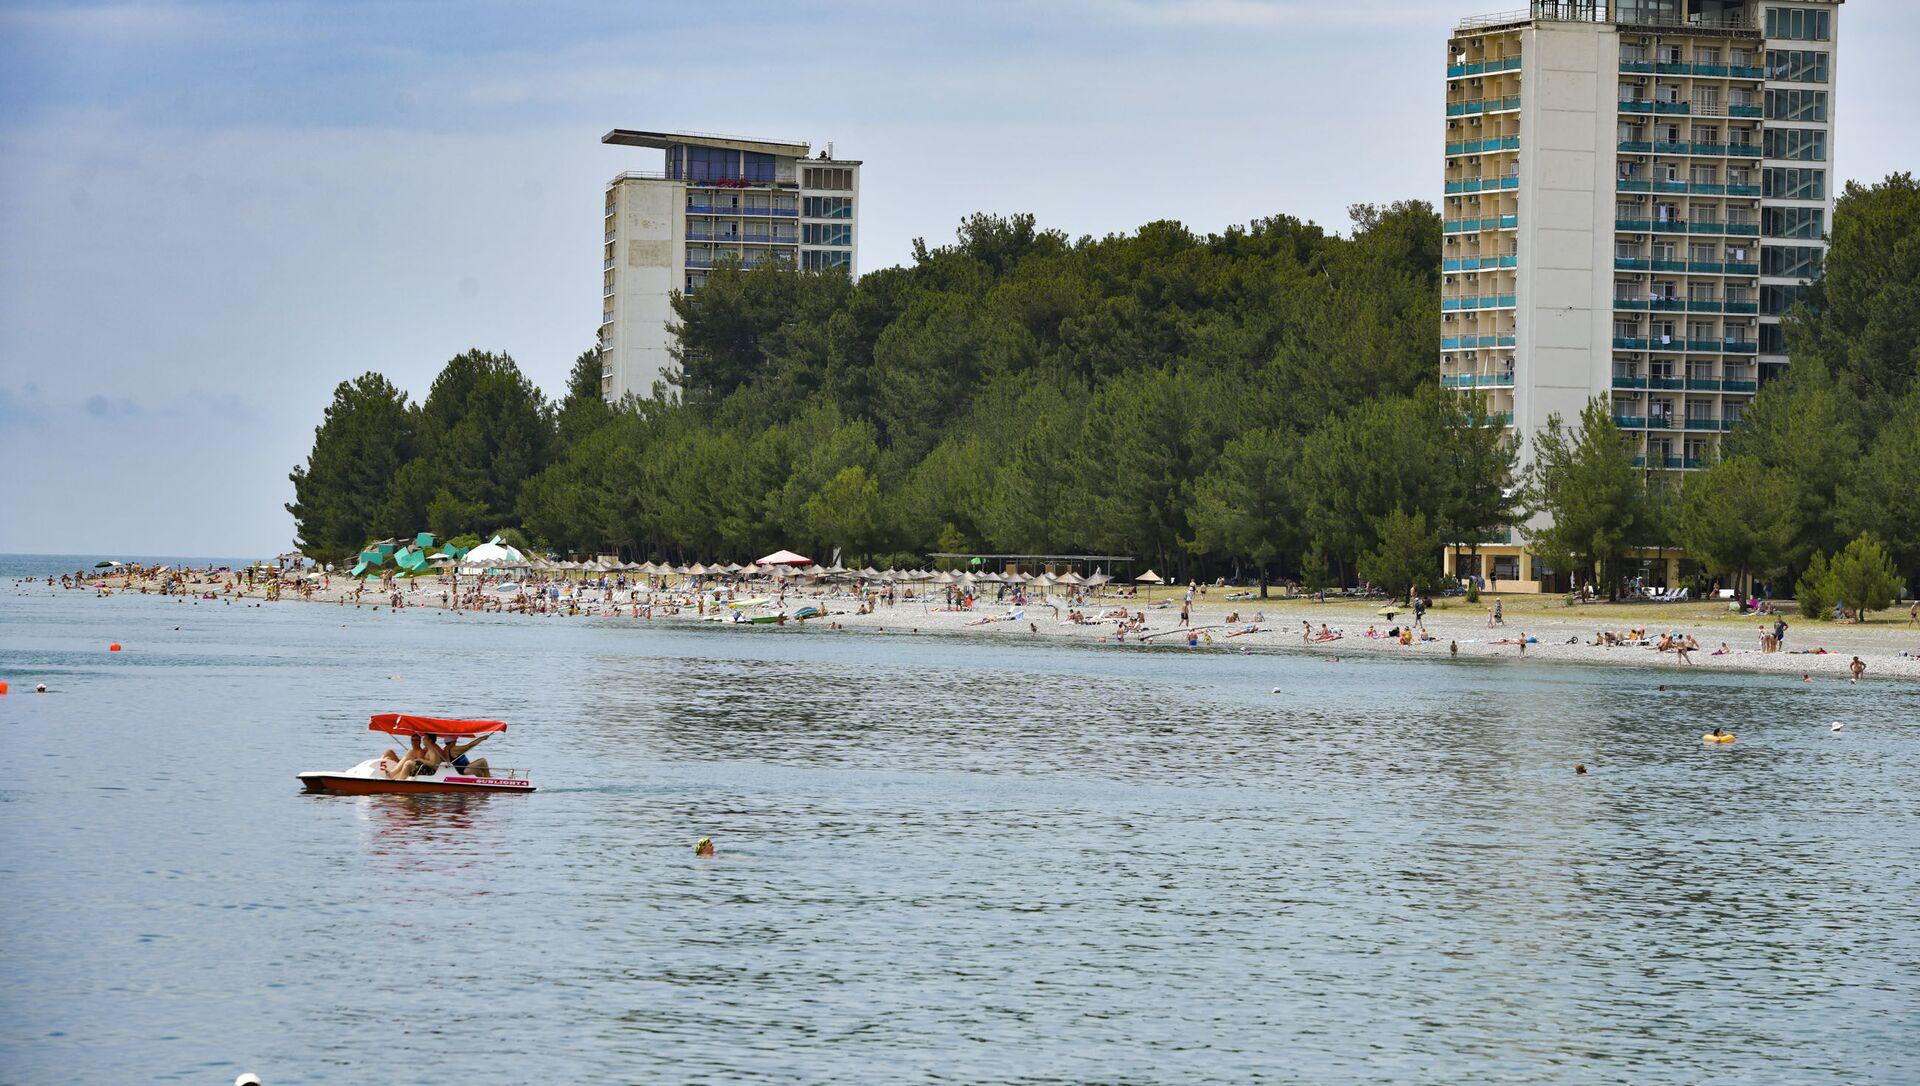 Курортный сезон. Отдыхающие на пляжах Абхазии.  - Sputnik Аҧсны, 1920, 20.09.2021